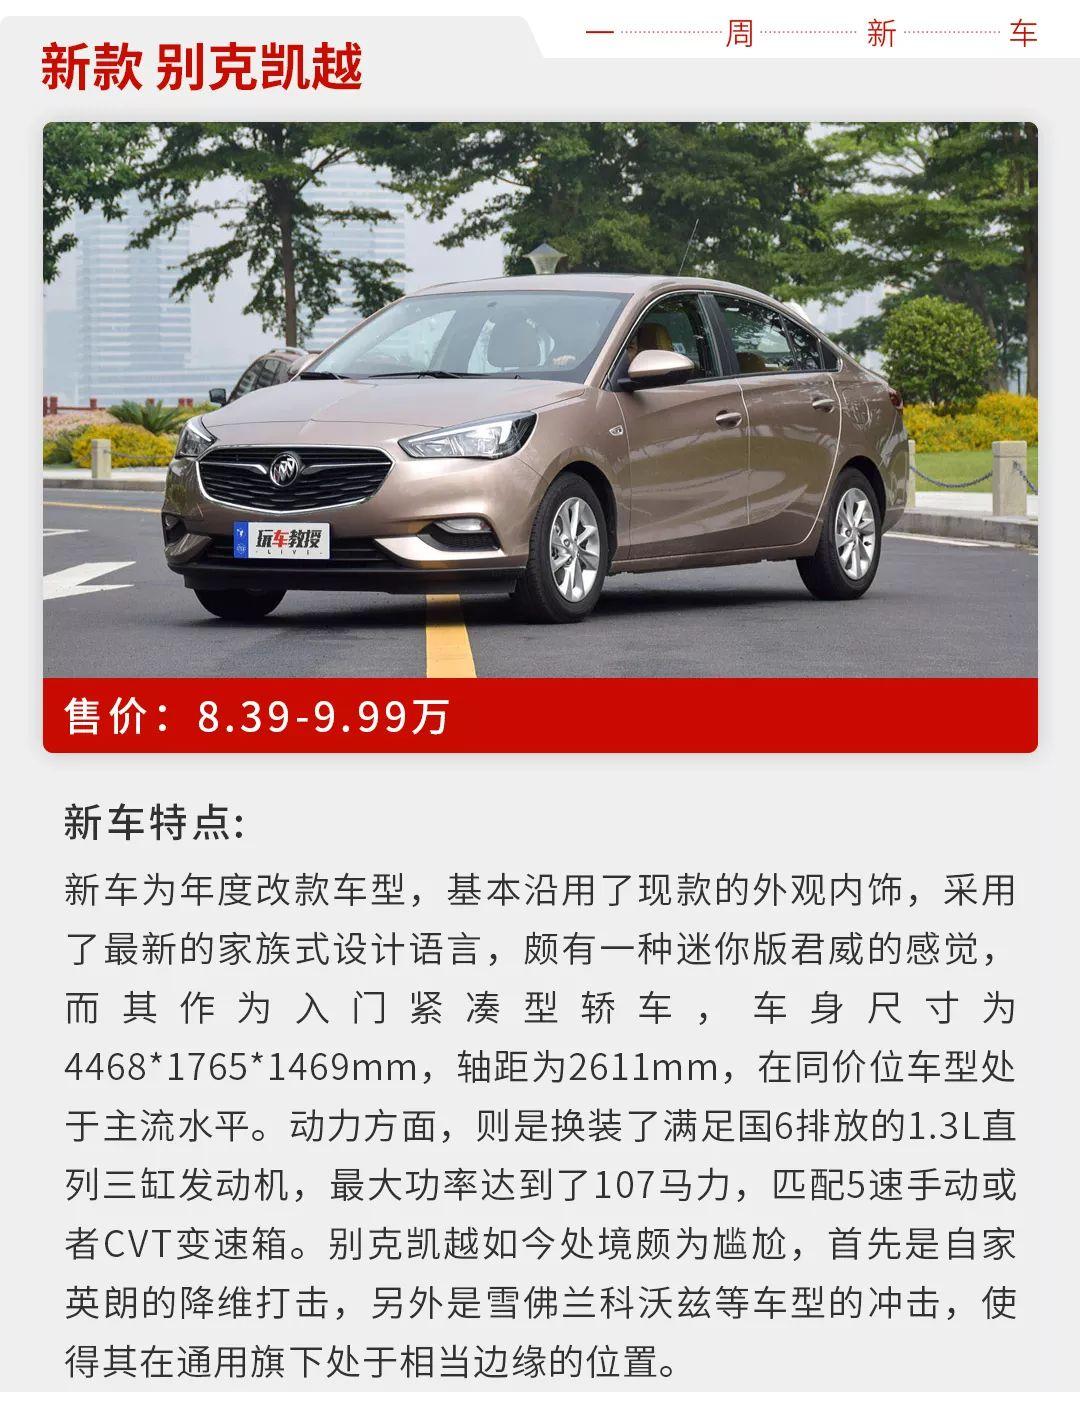 本周新车真不贵!8.38起的合资家轿,还有顶配17万的B级车